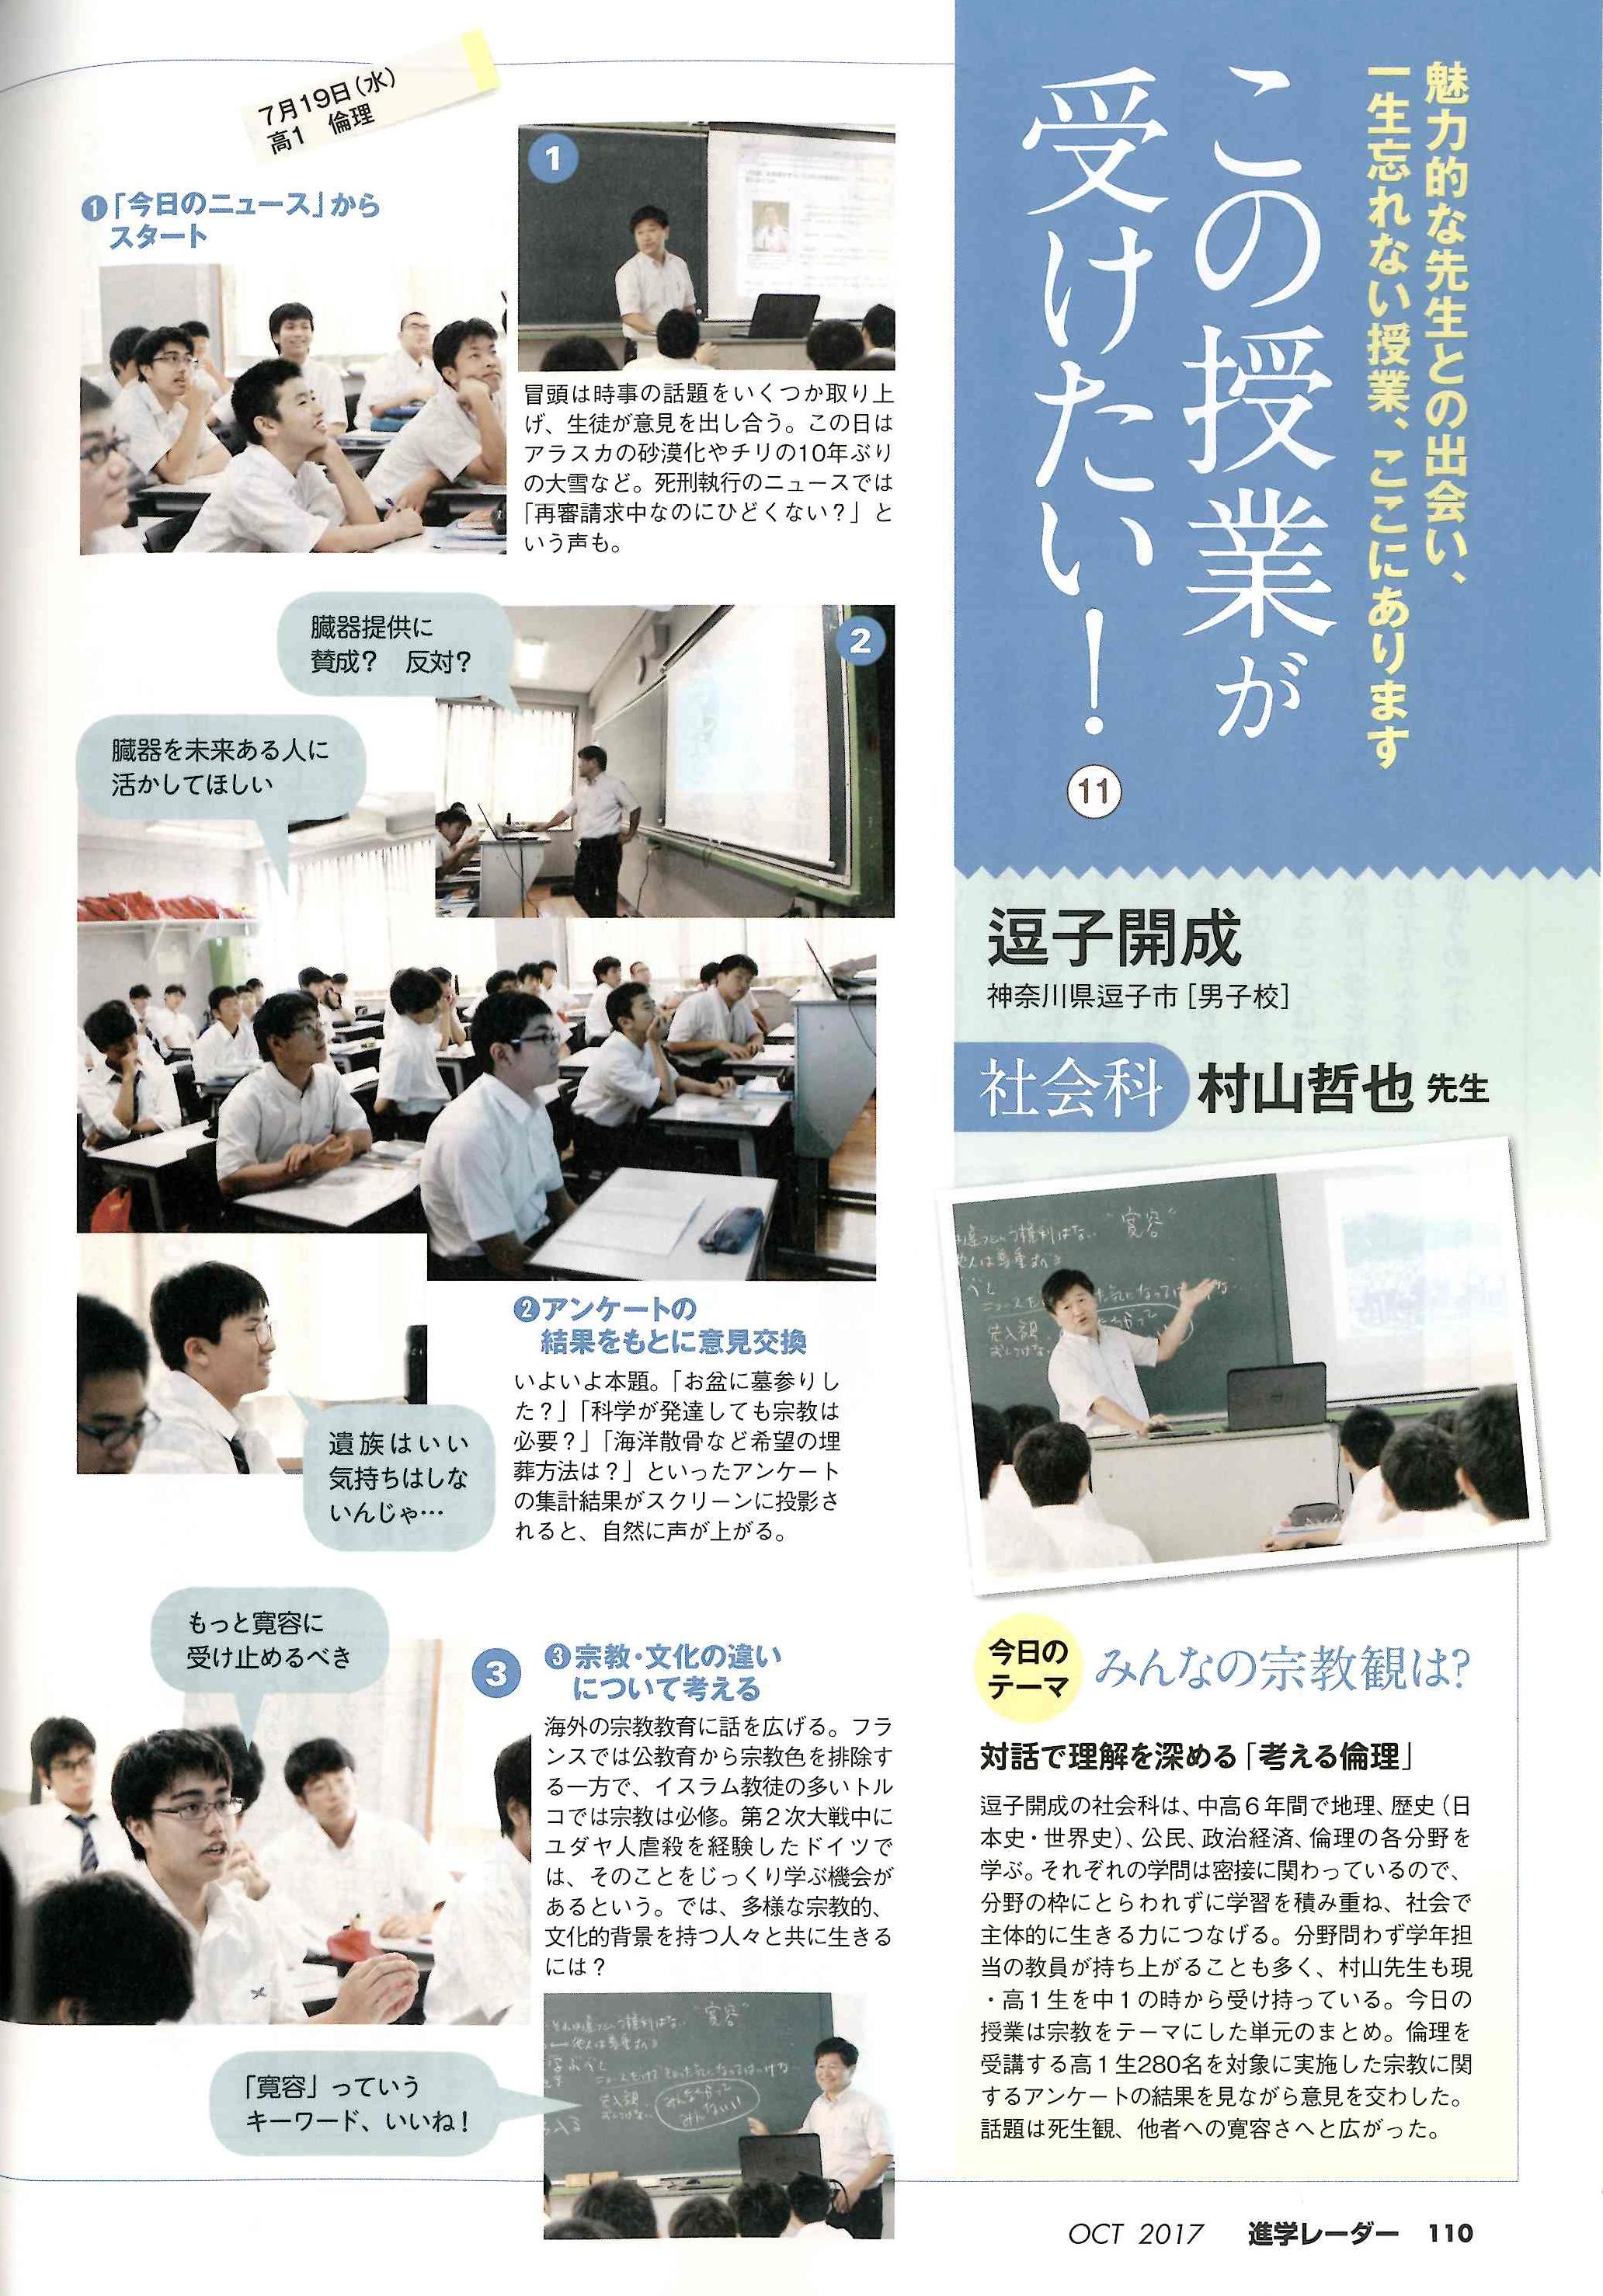 http://www.zushi-kaisei.ac.jp/news/97fa76fb2ea91ca4a8cf1f8a7a341bab21789188.png